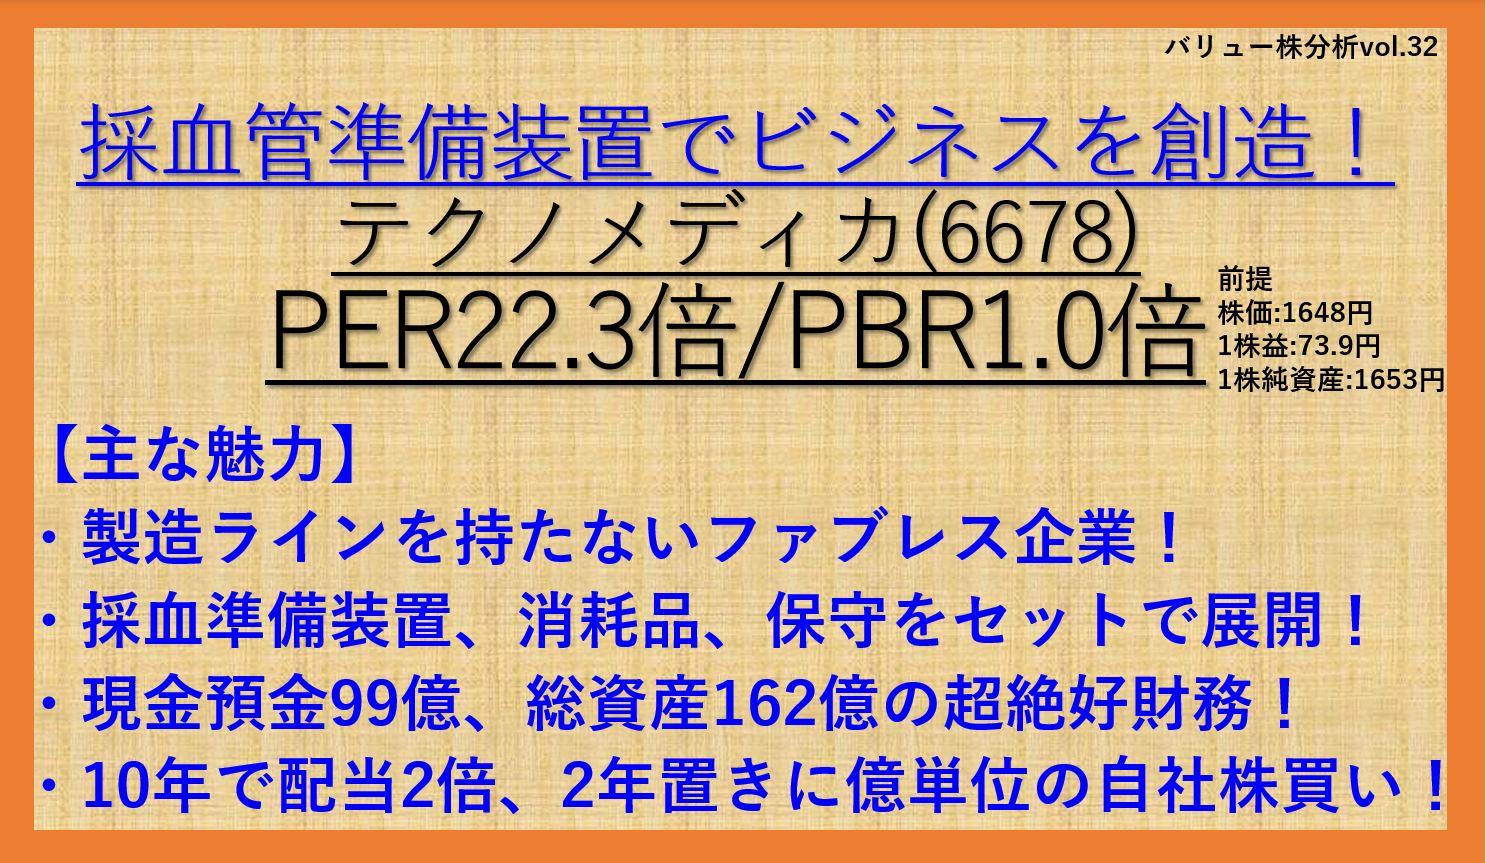 テクノメディカ-6678-バリュー株分析32